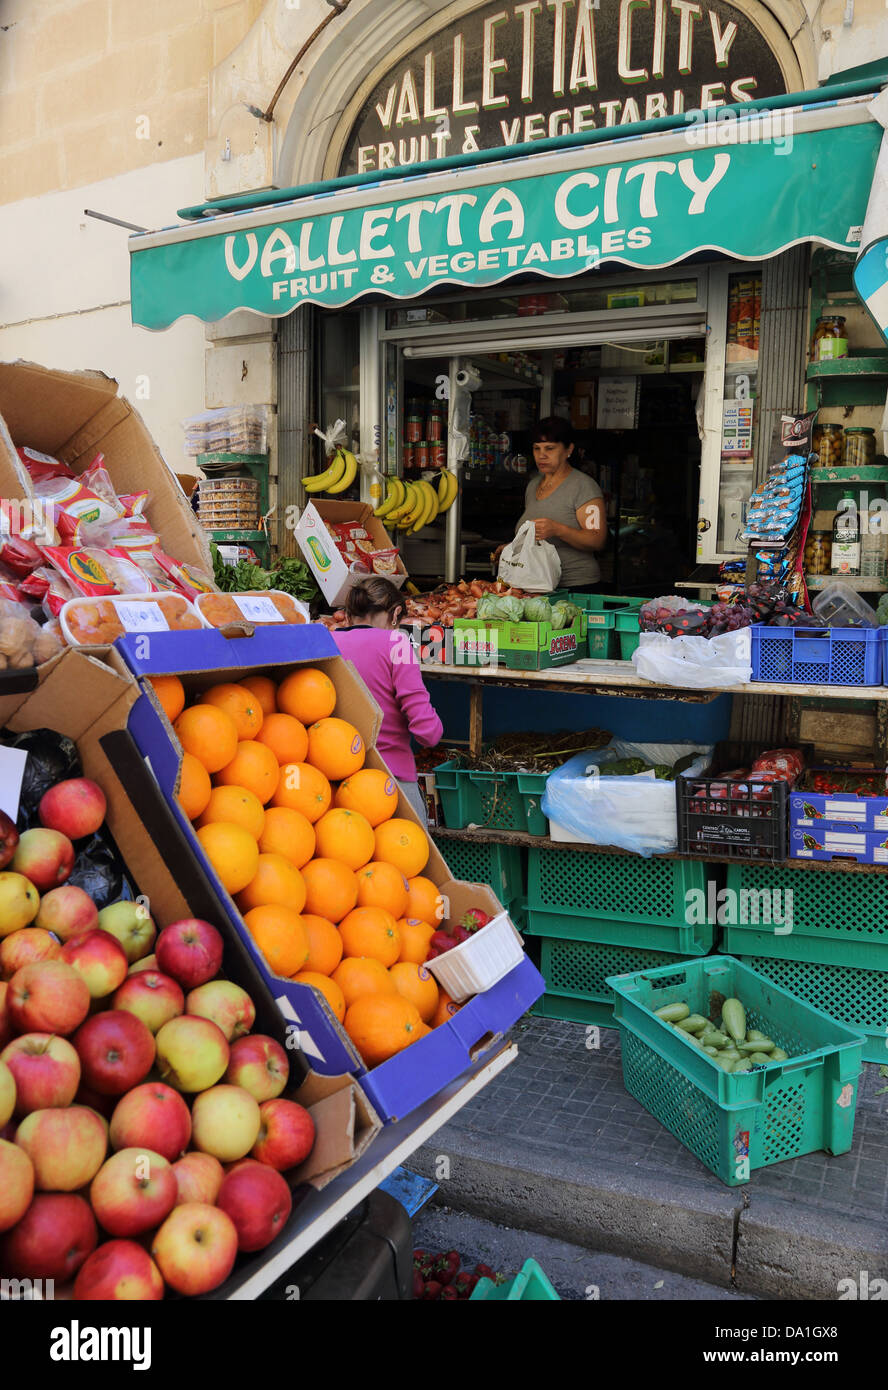 FRESH FRUIT & VEGETABLE SHOP,VALLETTA,MALTA - Stock Image